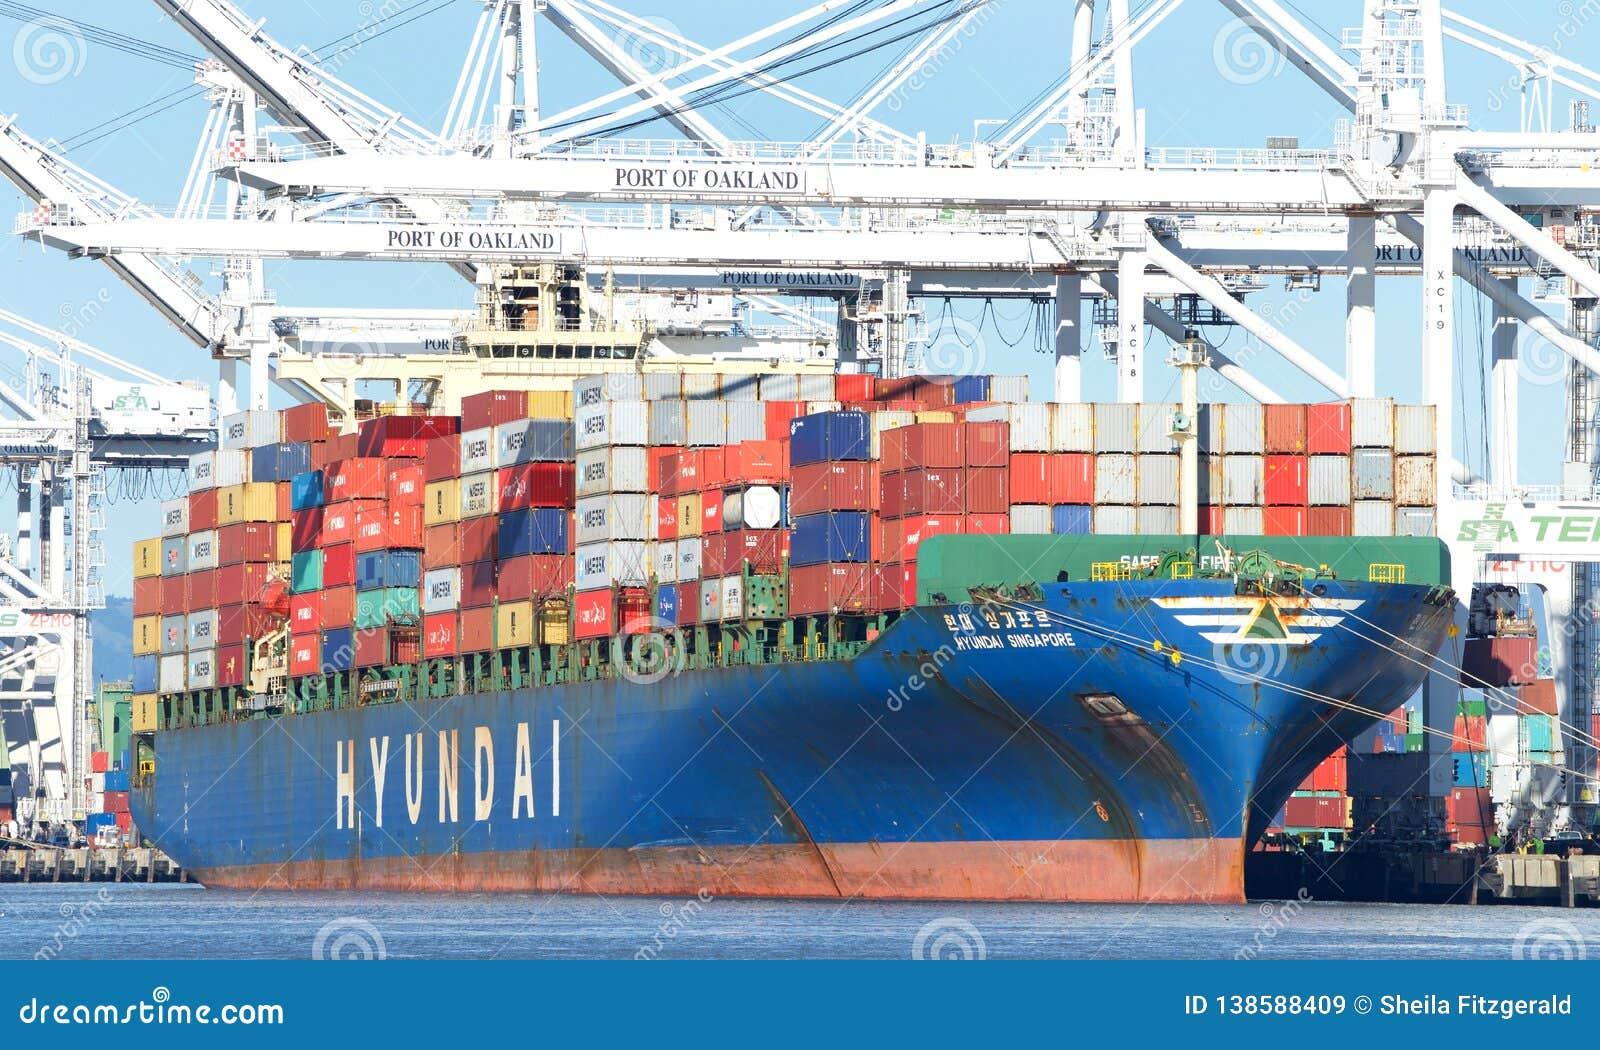 LastfartygHYUNDAI SINGAPORE päfyllning på porten av Oakland